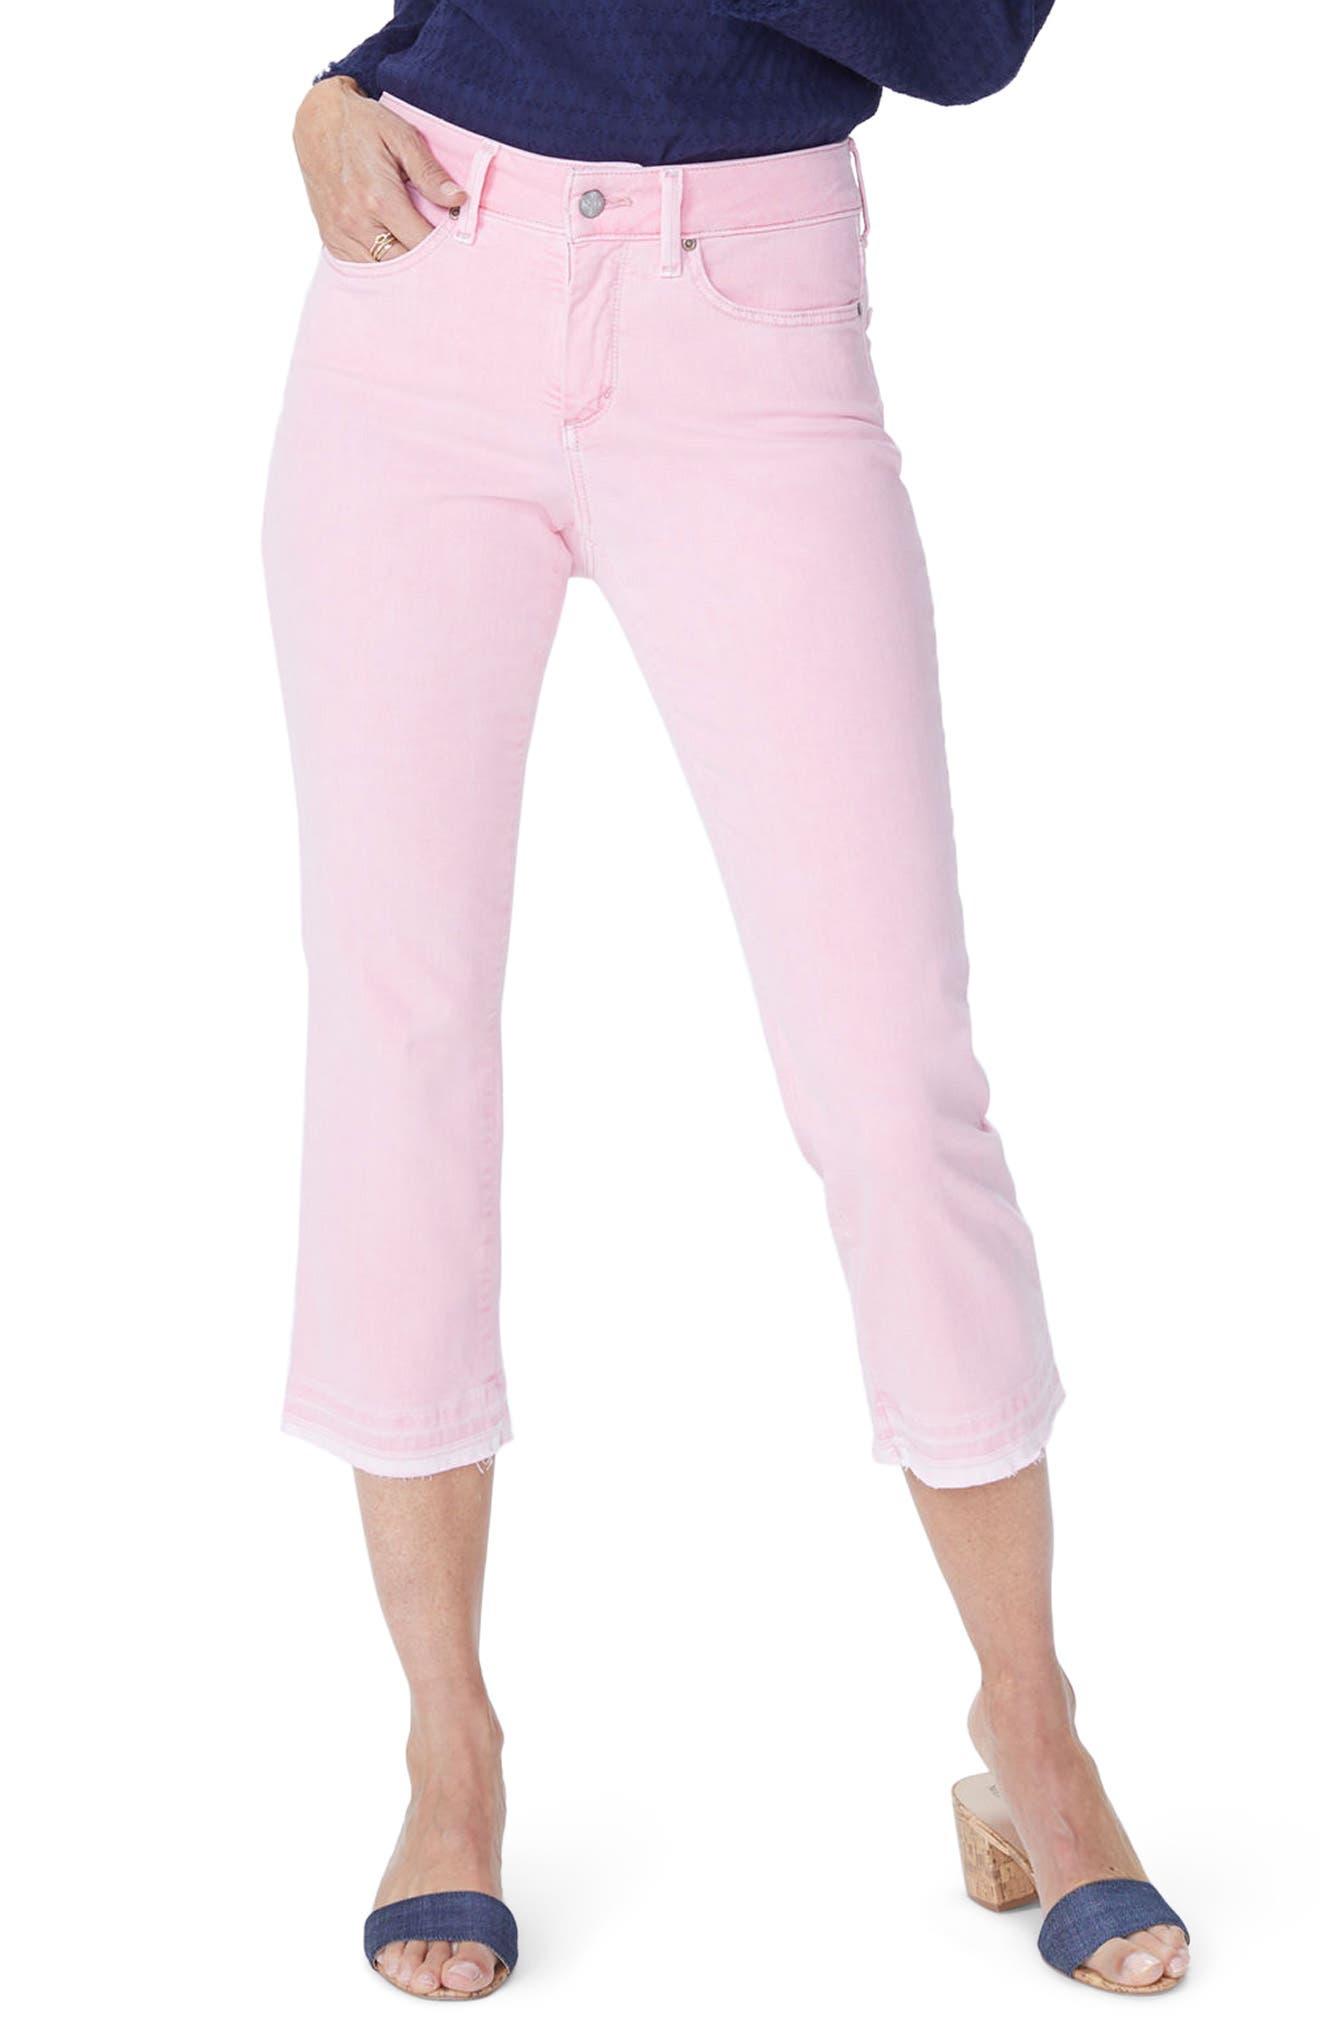 NYDJ Release Hem Capri Skinny Jeans